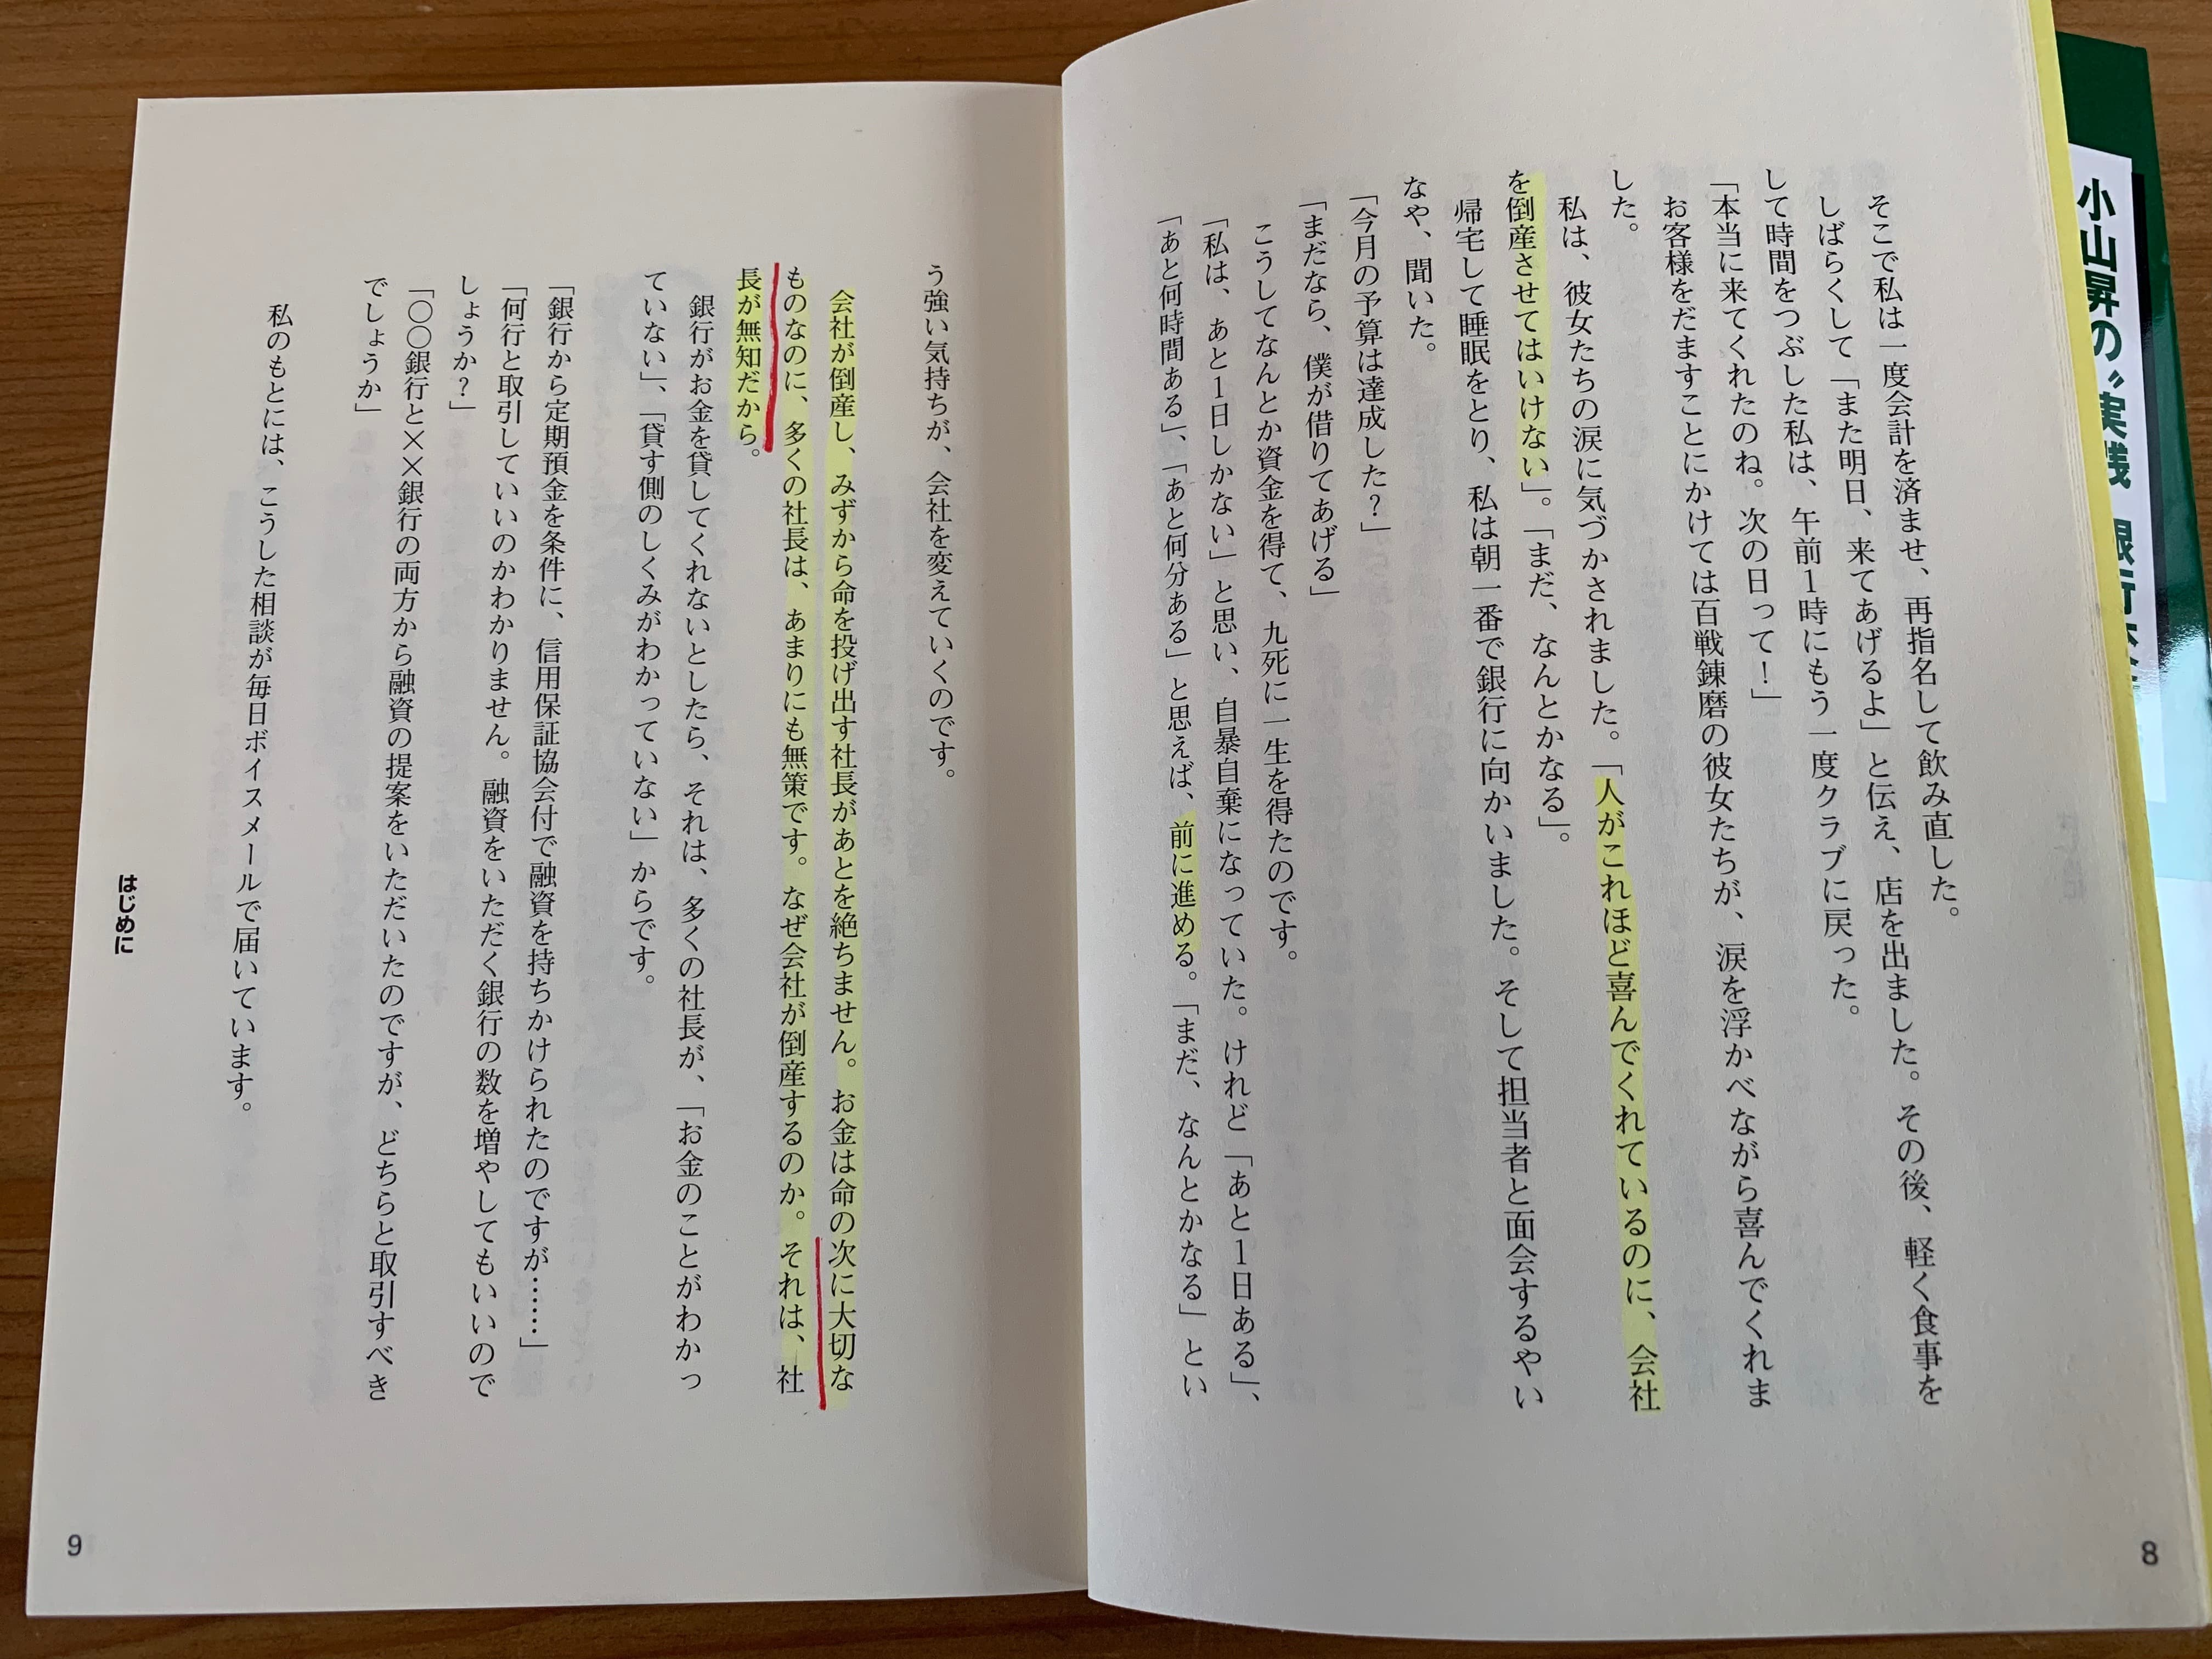 無担保で16億円借りる小山昇の実践銀行交渉術